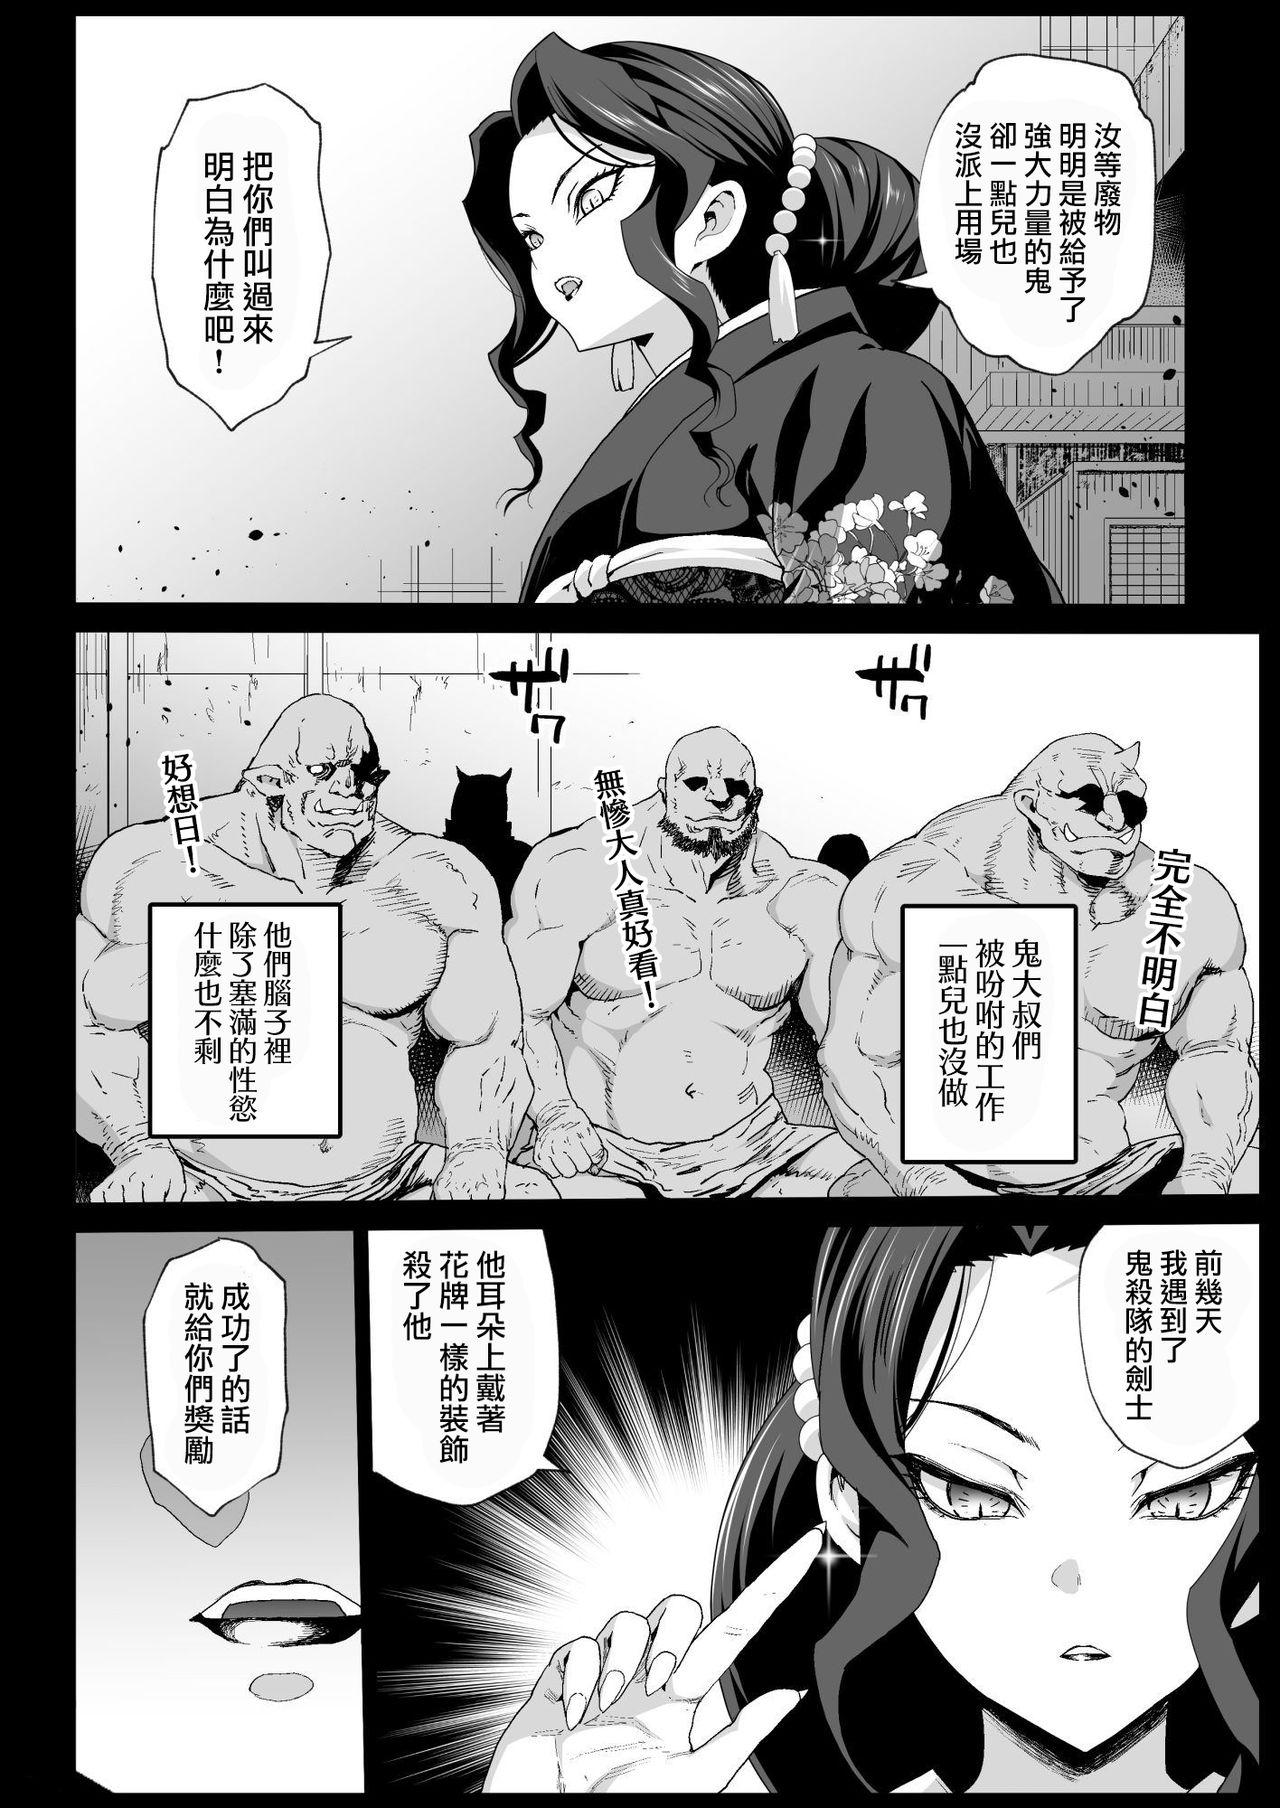 [Eromazun (Ma-kurou)] Mesu Ochi Jou Muzan-sama - RAPE OF DEMON SLAYER 4 (Kimetsu no Yaiba) [Chinese] [瑞树汉化组] [Digital] 6